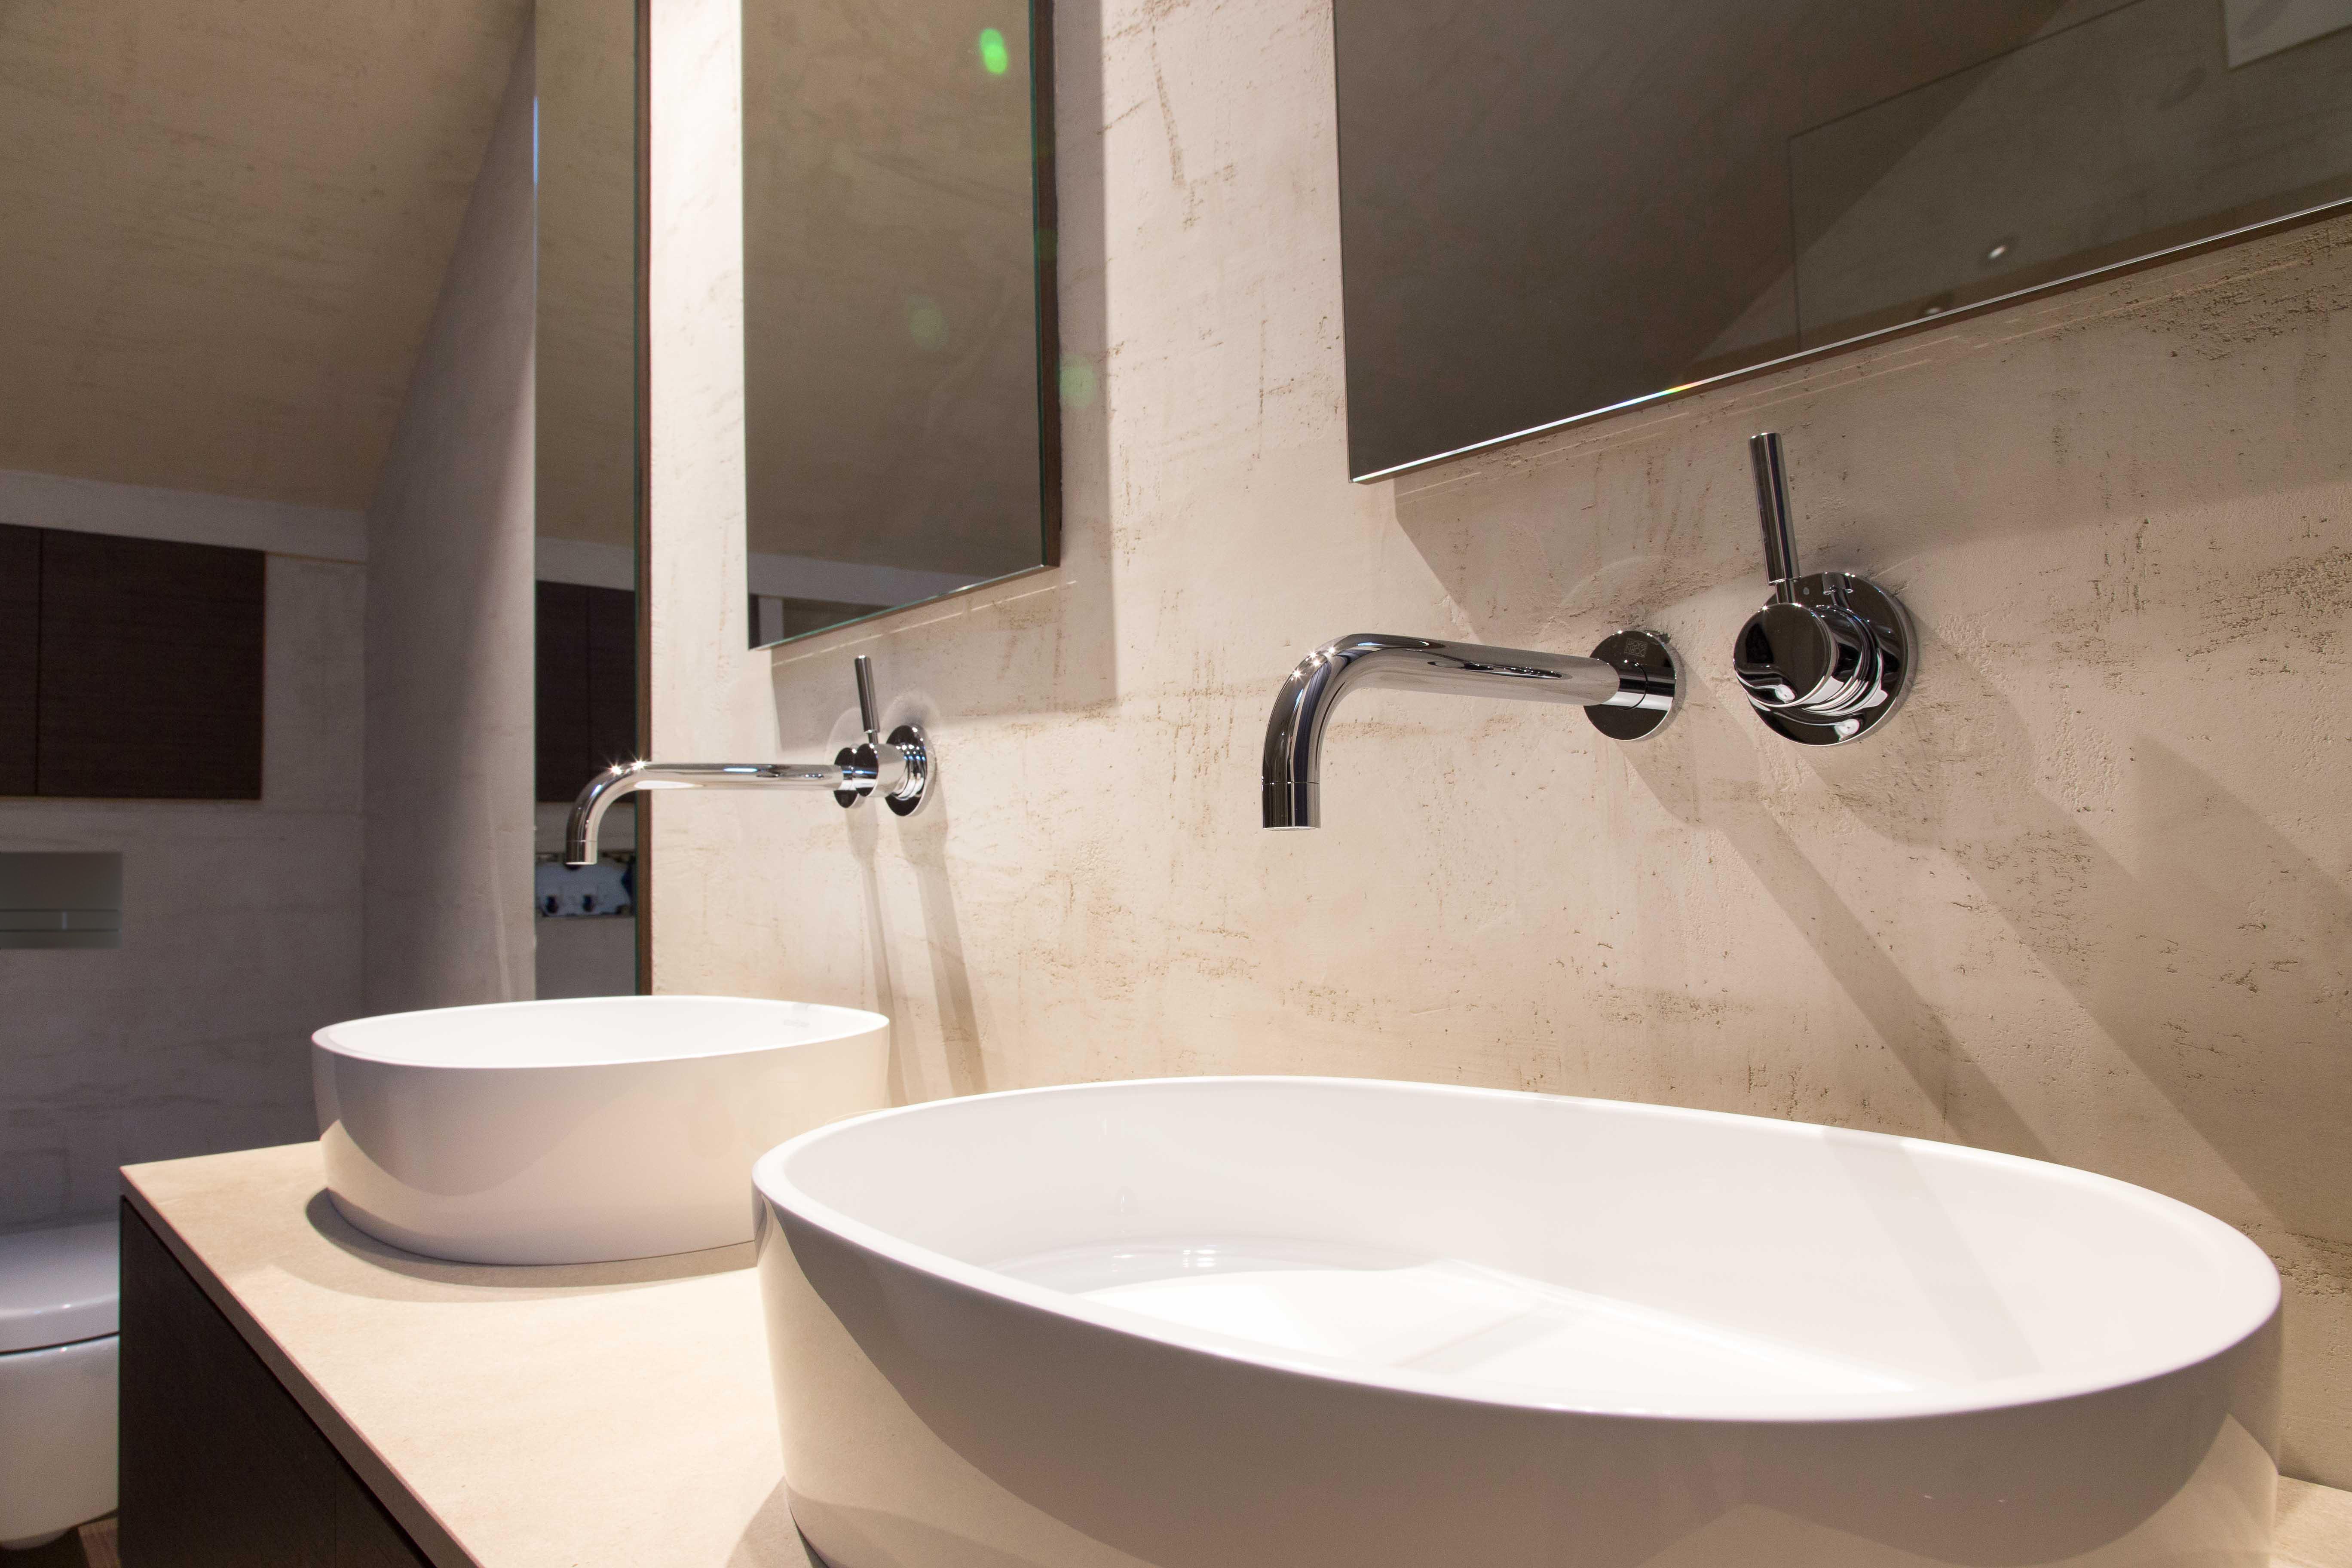 Penthouse, Loft in Mannheim - Waschbecken Nahaufnahme - Inneneinrichtung Heidelberg, Mannheim, Stuttgart - Gaffga Interieur Design. Planung und Ausführung - Lichtplanung - Möbel auf Maß.